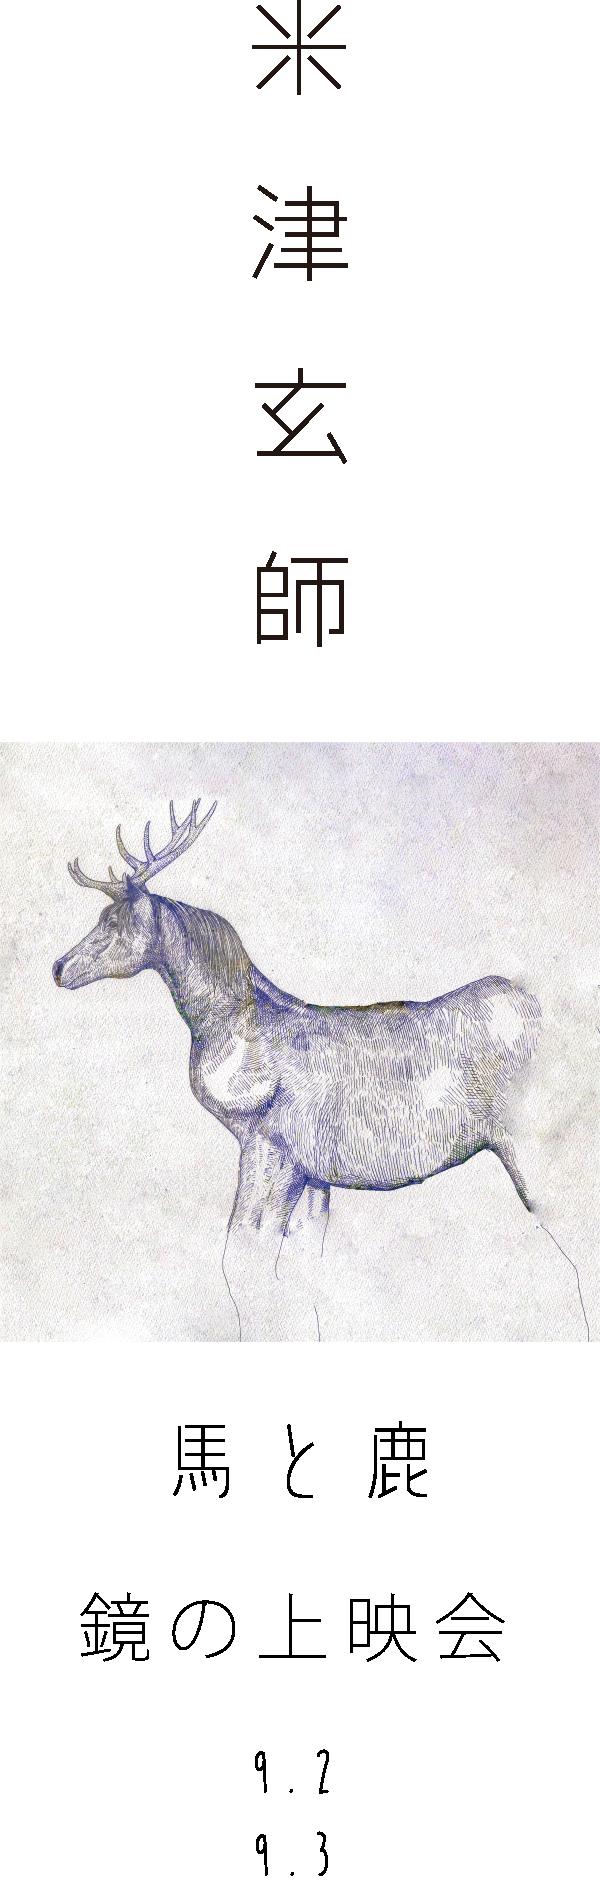 米津玄師 | 「馬と鹿」鏡の上映会